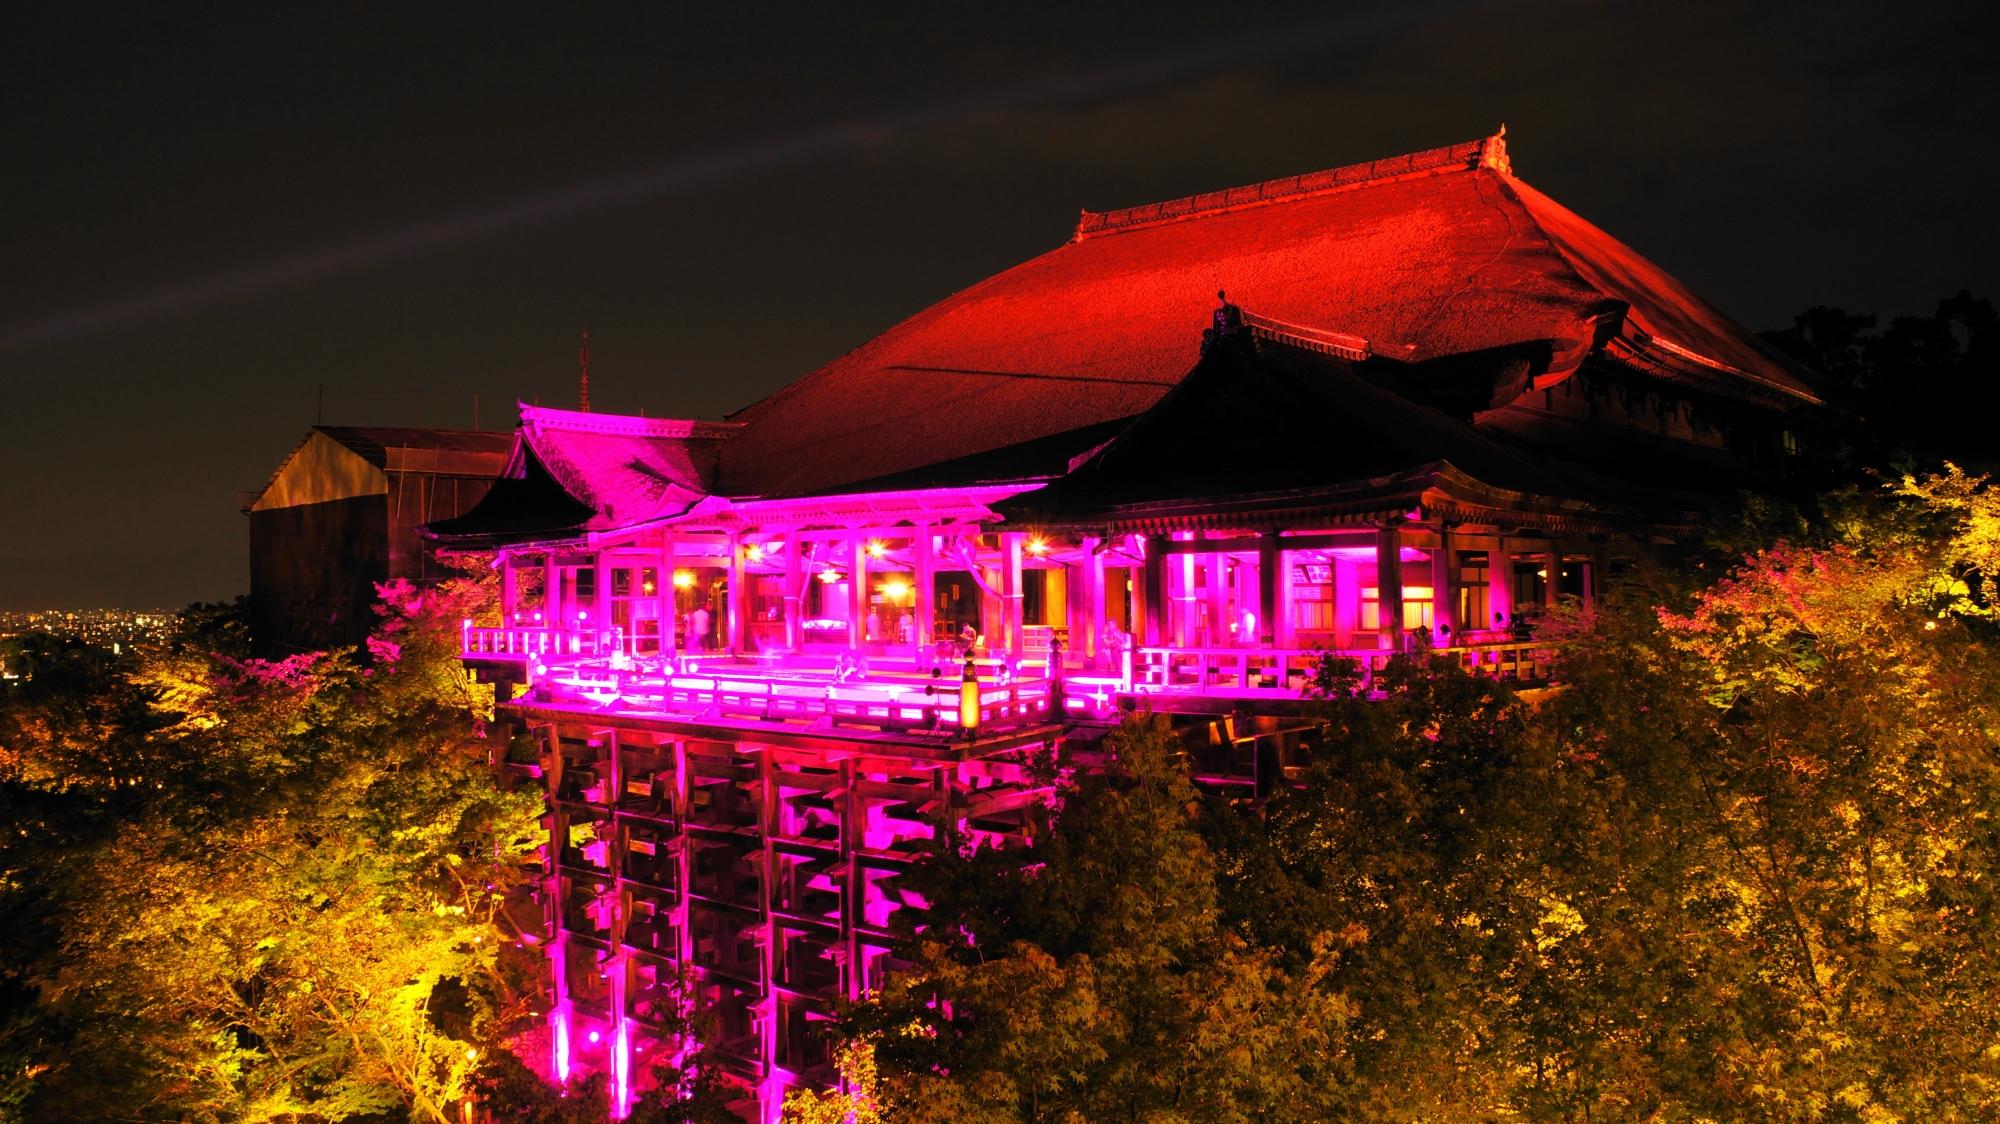 ピンクの清水寺 京都の夜を幻想的に灯す ピンクリボン活動